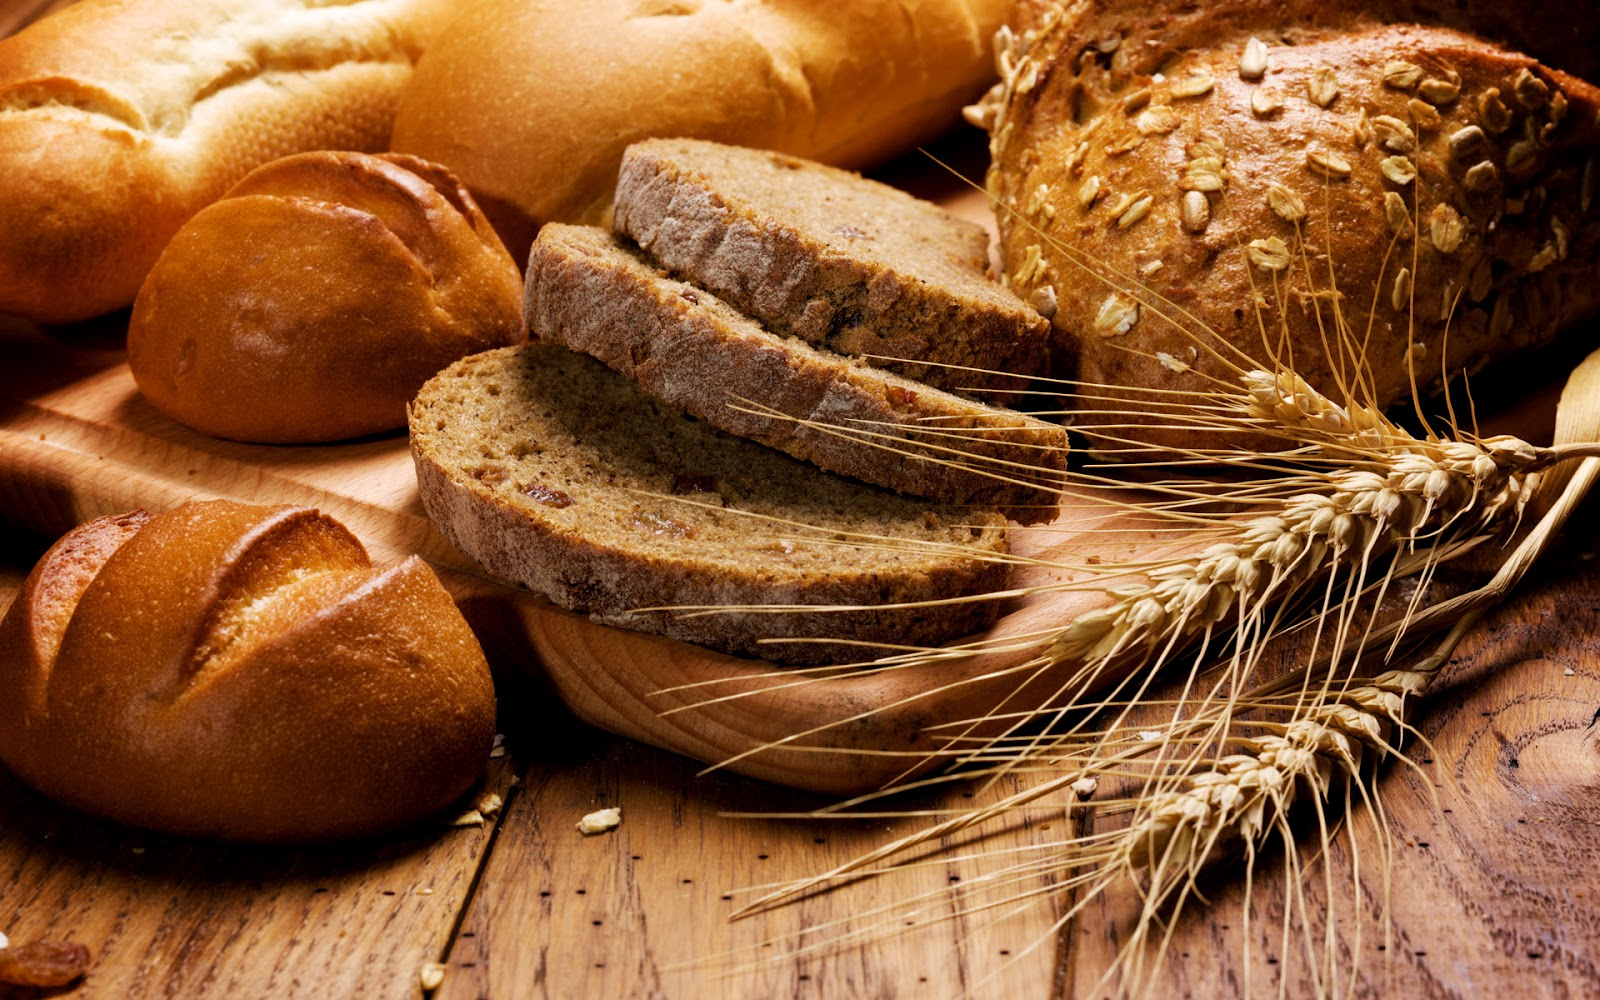 Carboidratos: afinal, podemos ou não podemos comer?